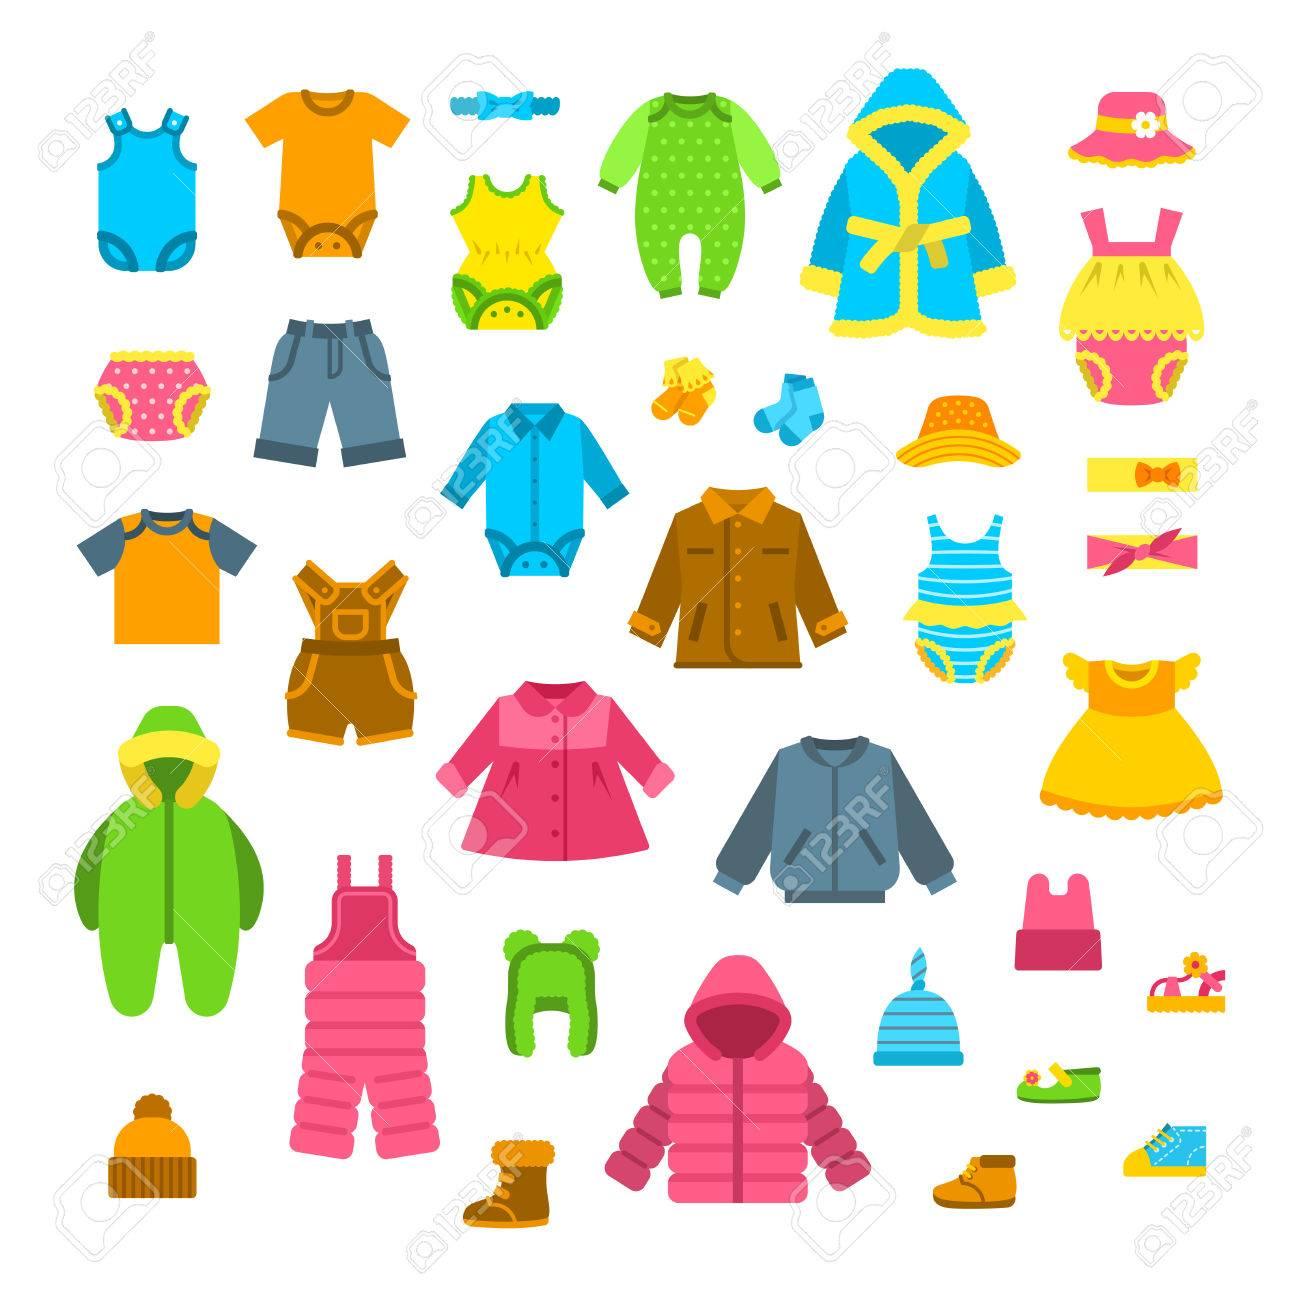 37458752083 Ropa De Bebé Conjunto De Ilustraciones Vectoriales. Niños Recién Nacidos  Traje Plana Iconos. Niña Y Niño Ropa Elementos De Dibujos Animados.